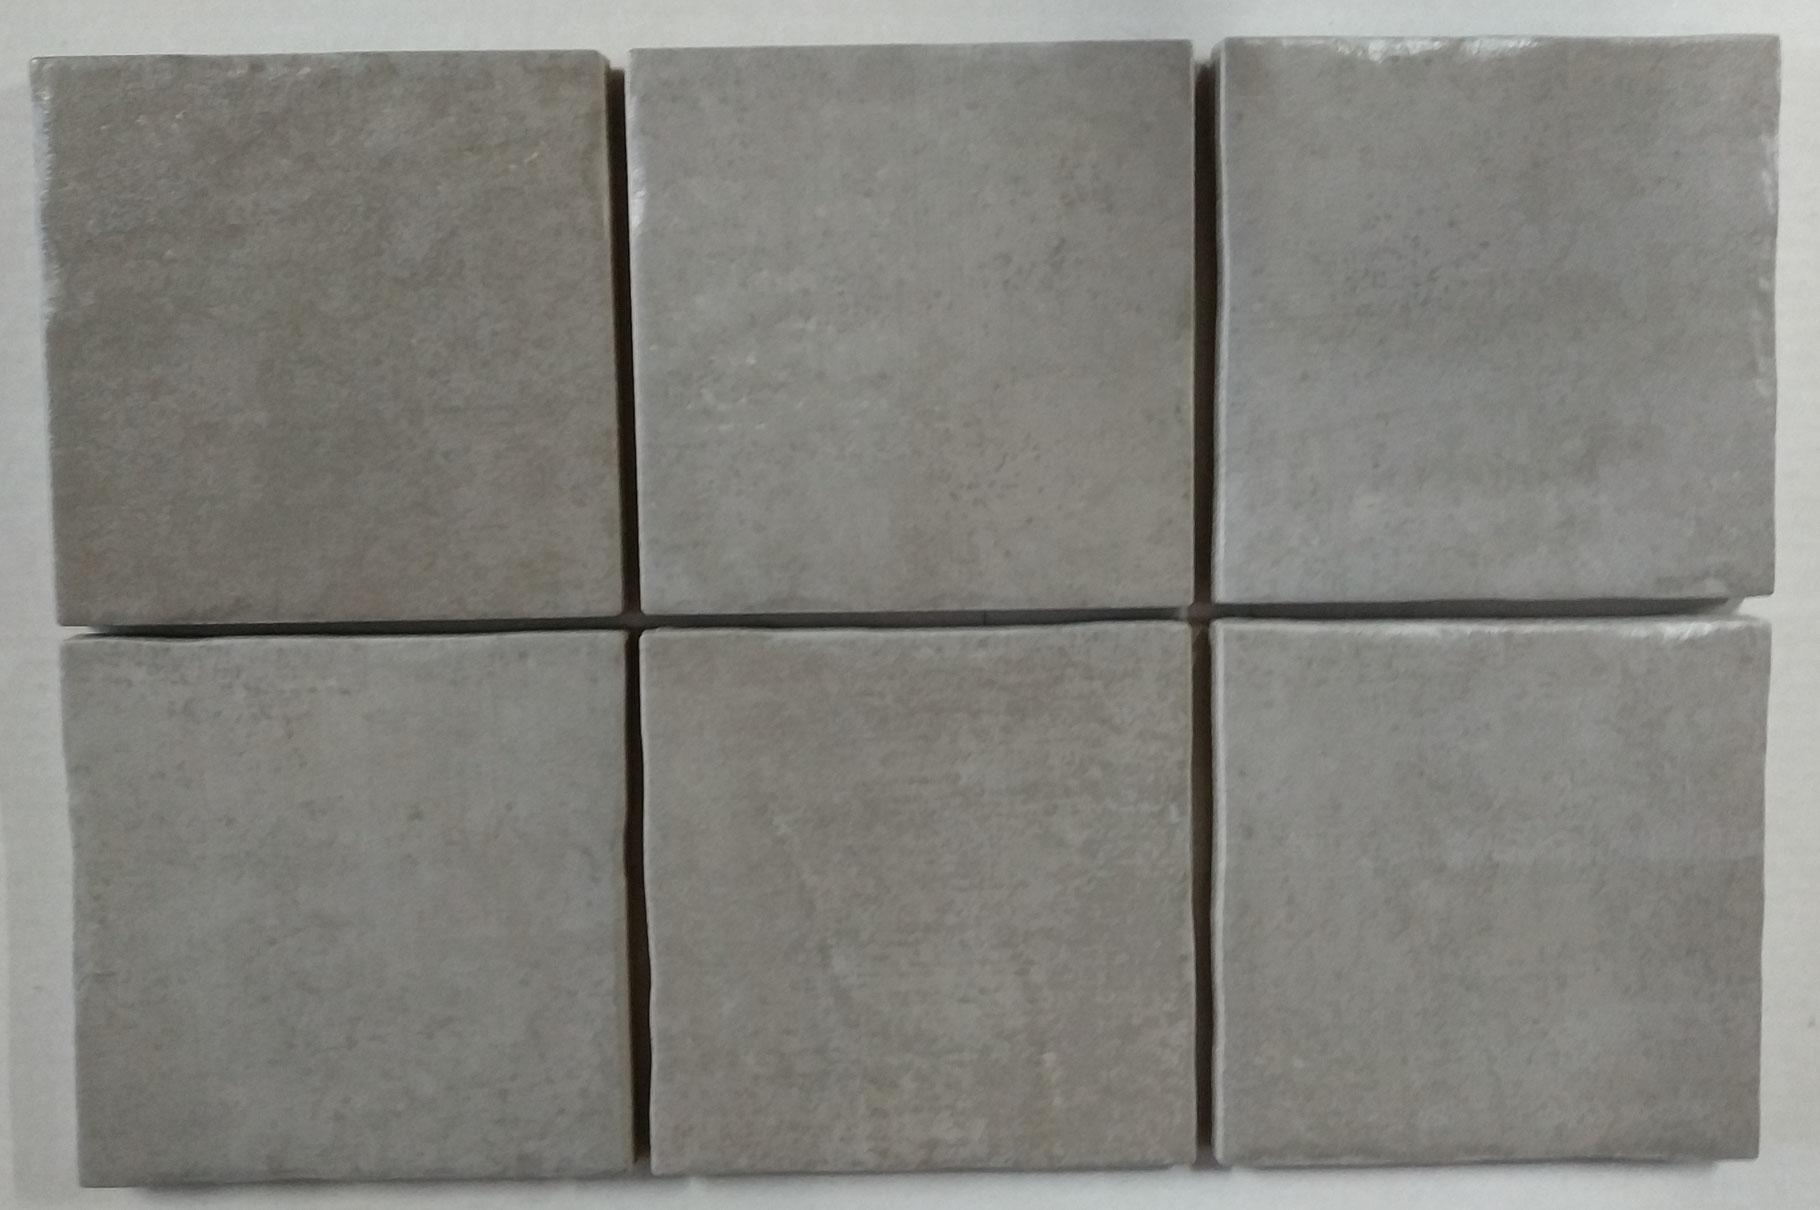 Piastrelle 10x10 Formelle-Inserti - CeramicheMetis Materiale Edile ...